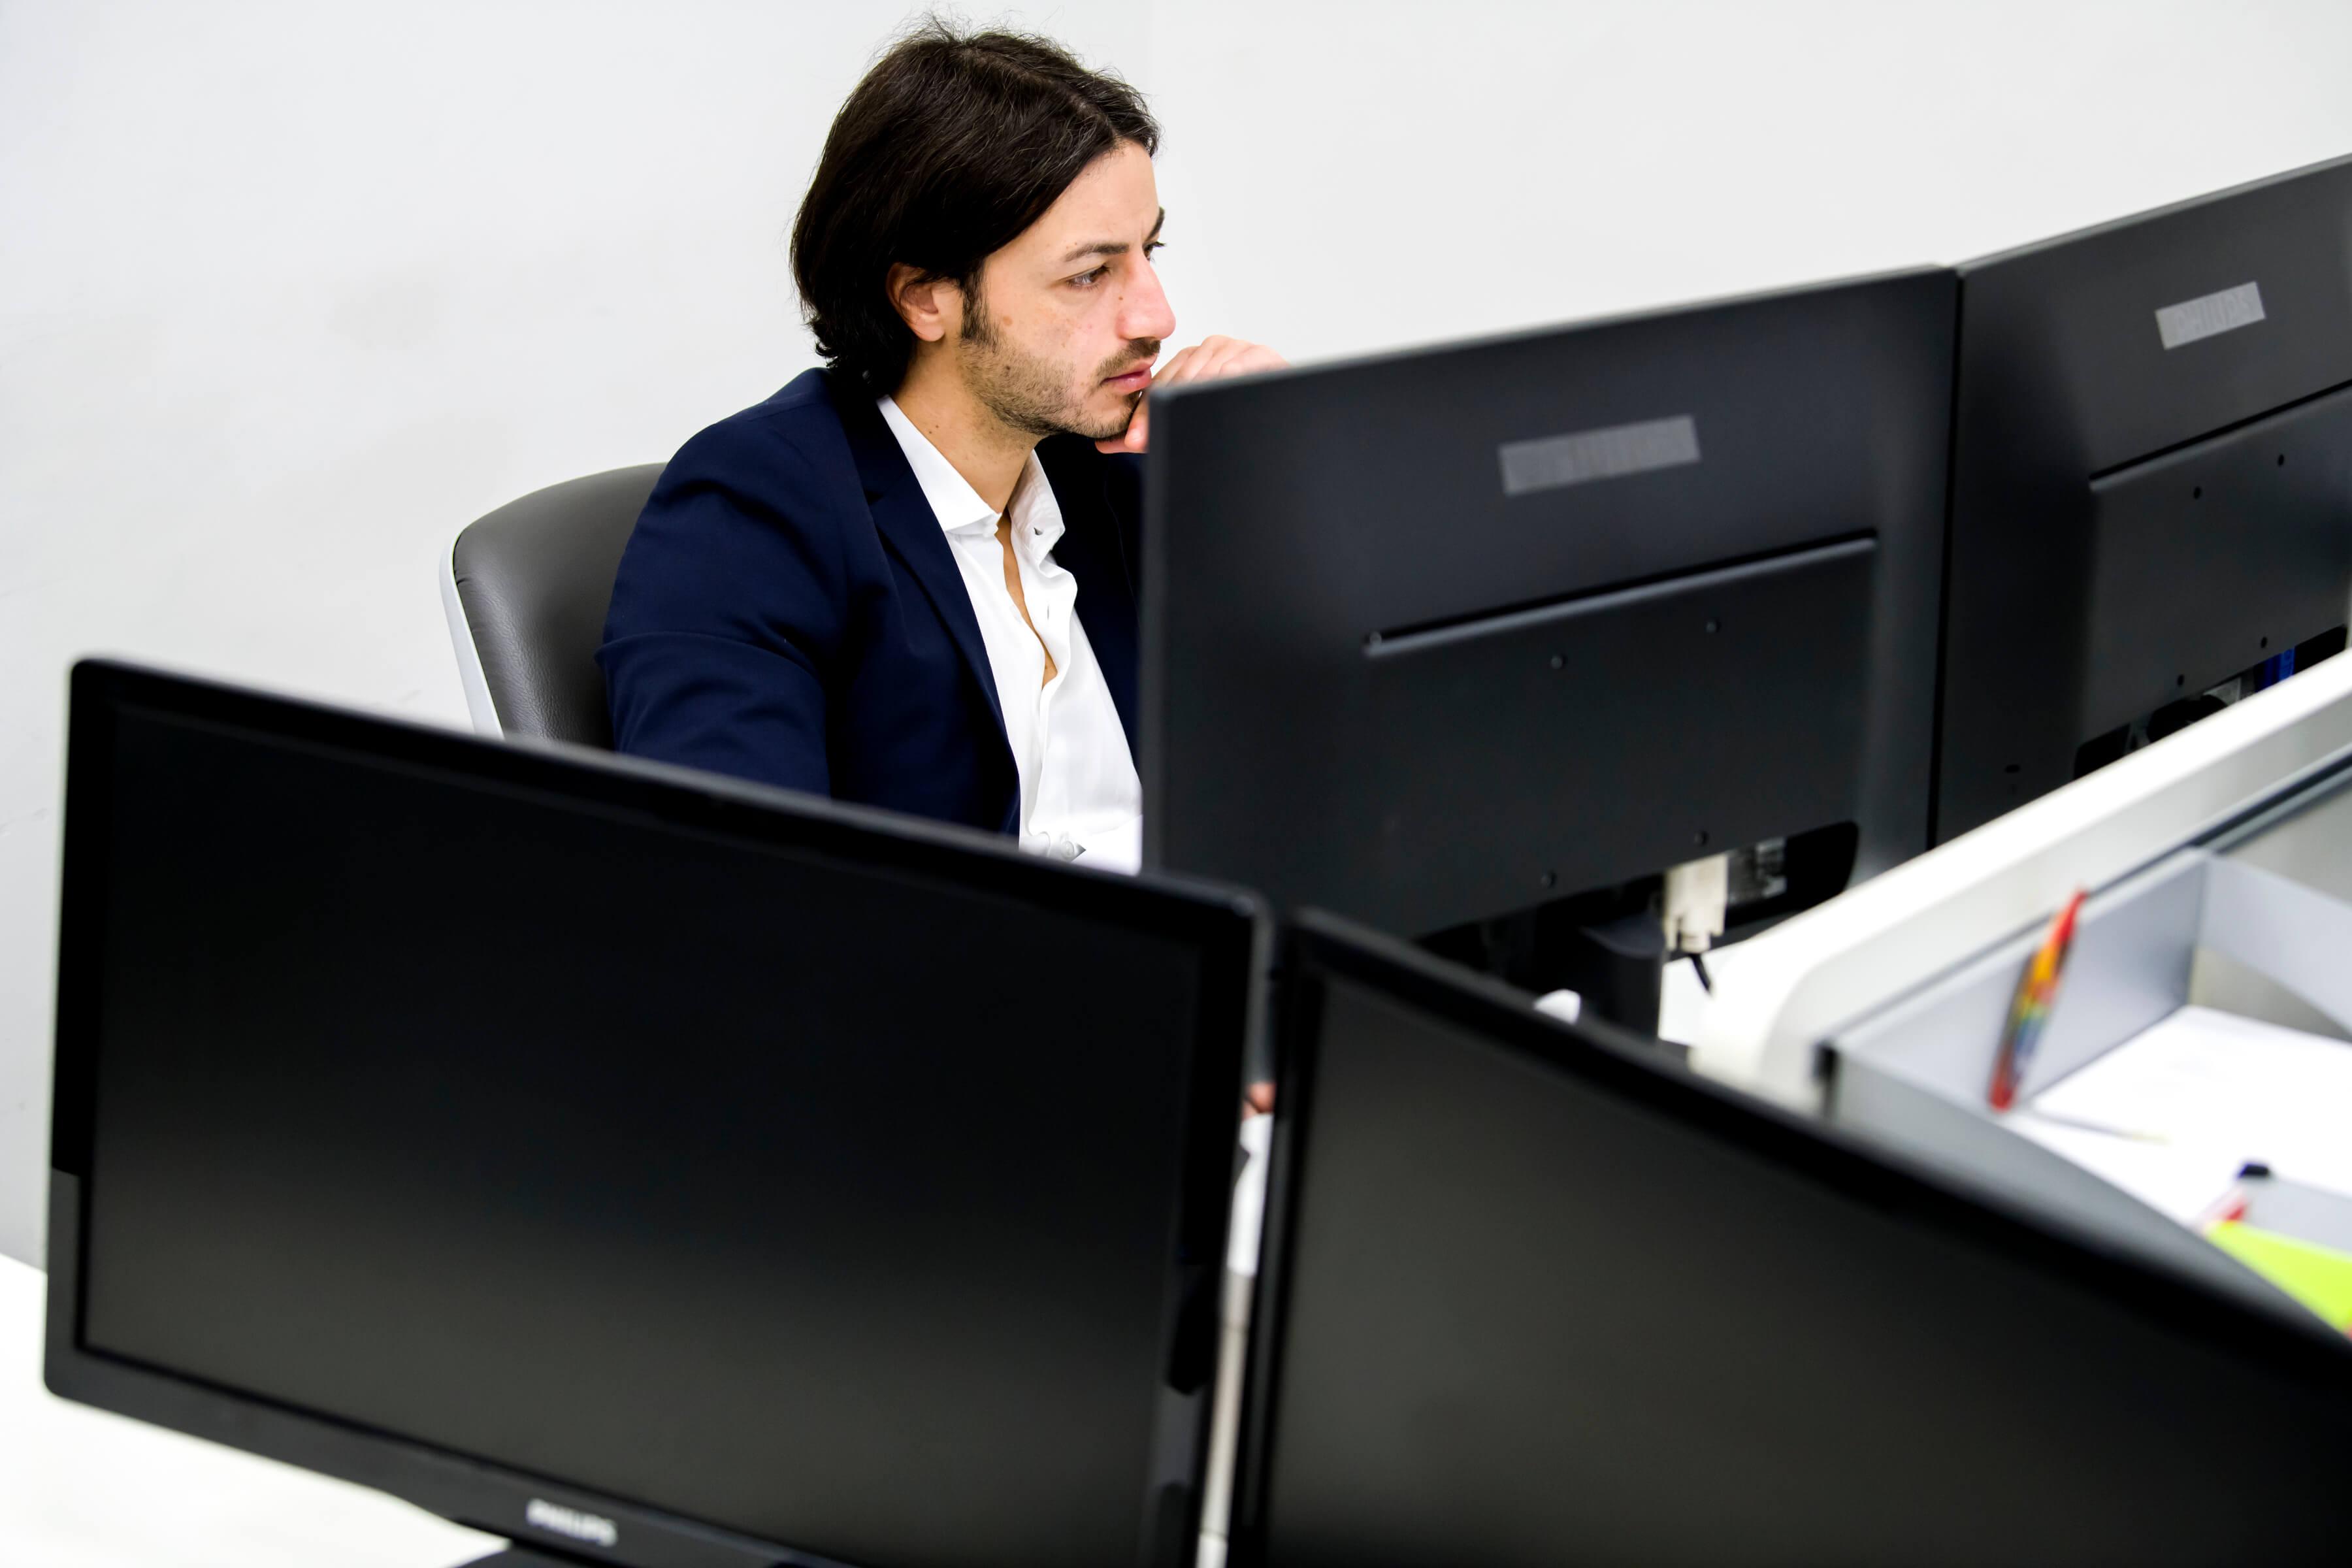 Uomo team per la trasformazione digitale delle imprese guarda pc per Strategia di trasformazione digitale PMI